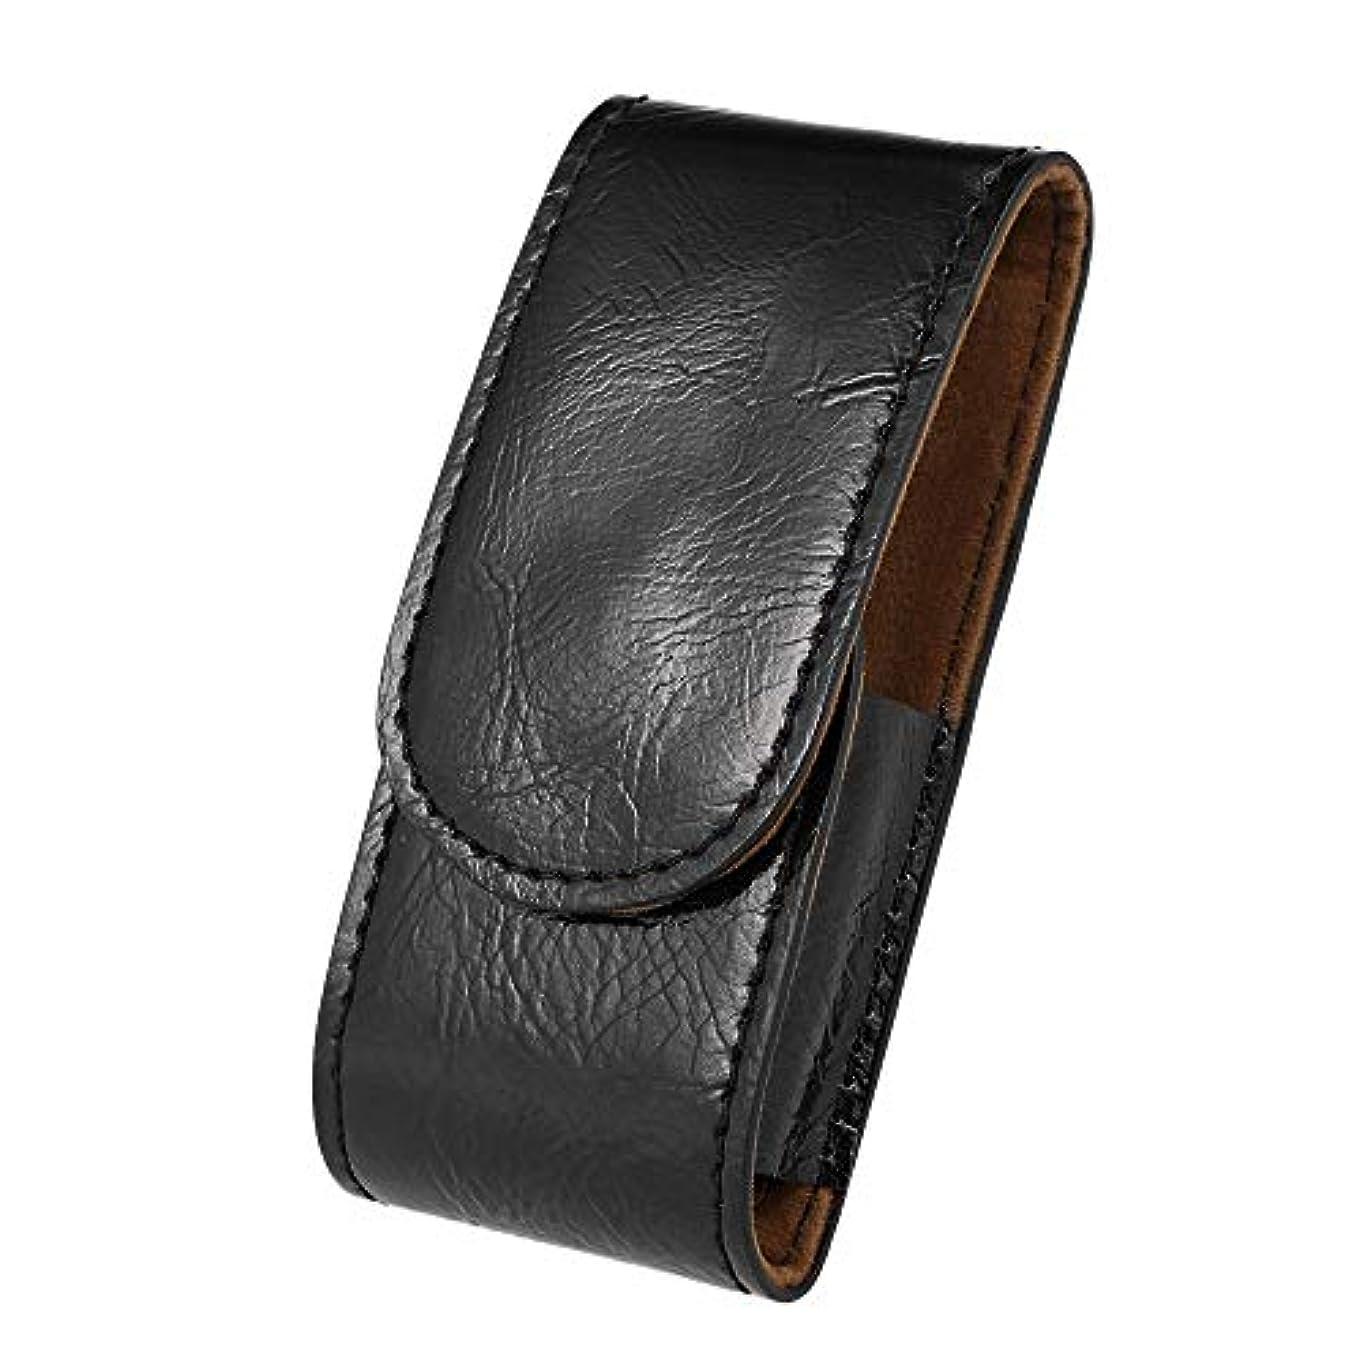 帰する条約世界に死んだMen PU Leather Razor Pouch Shave Beard Shaver Handbag Pouch Safety Razor Case Storage Bag Double Edge Razor Holder